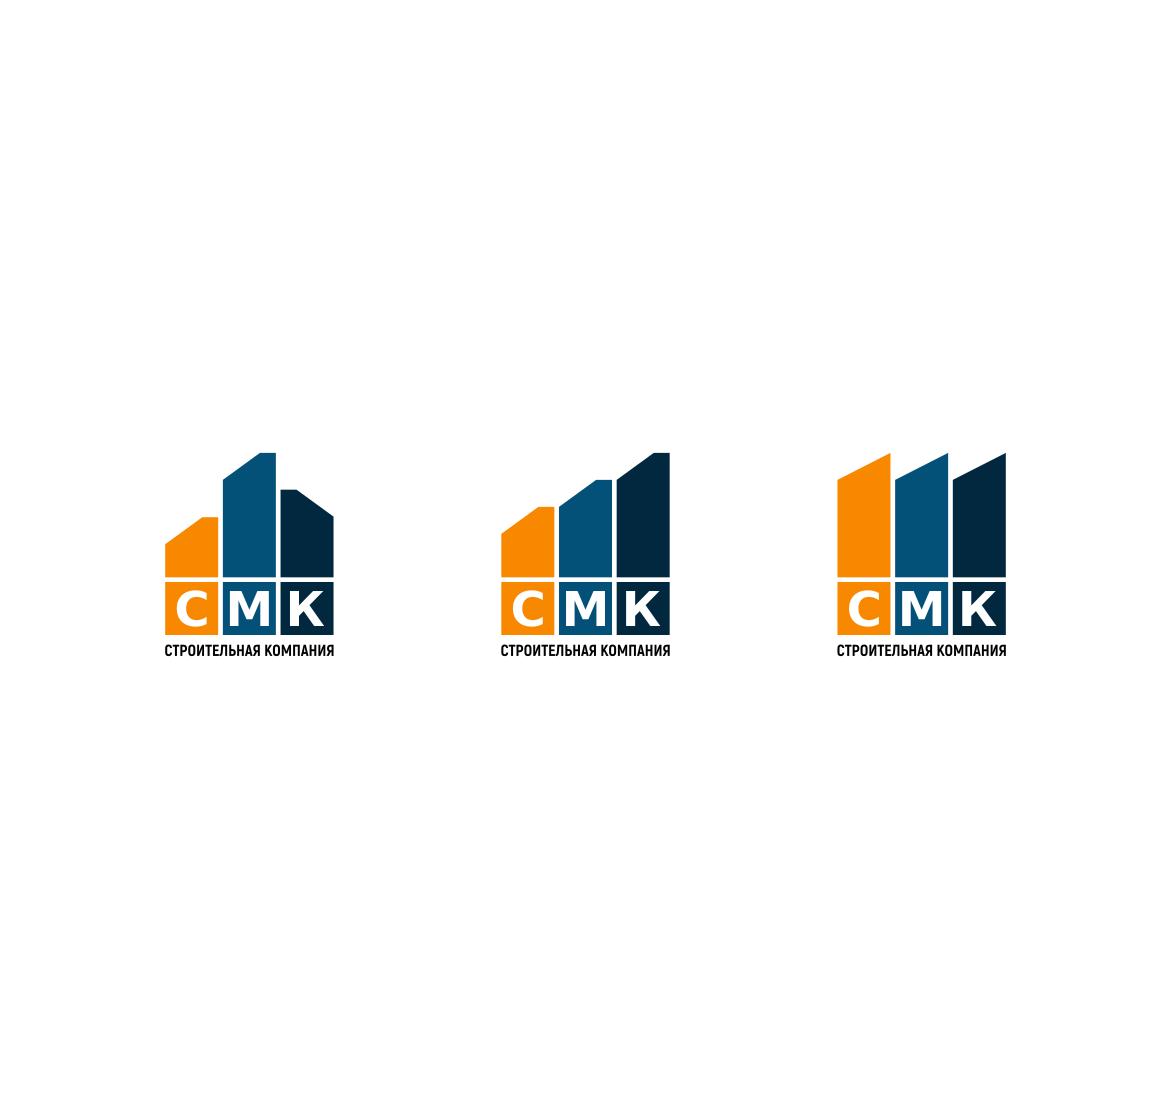 Разработка логотипа компании фото f_0365ddf8e5b89c2b.png